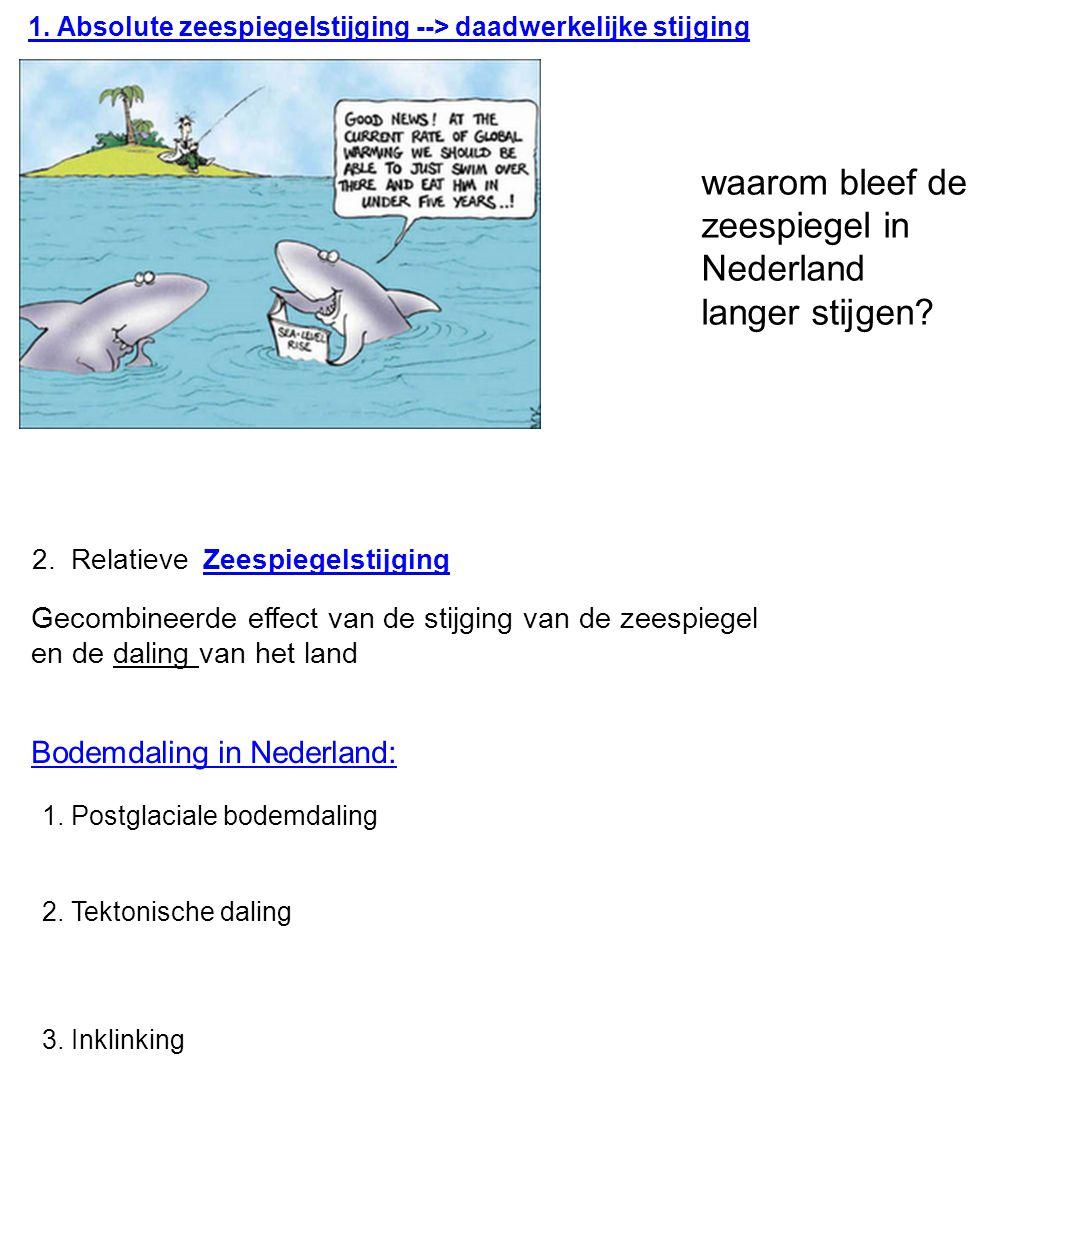 waarom bleef de zeespiegel in Nederland